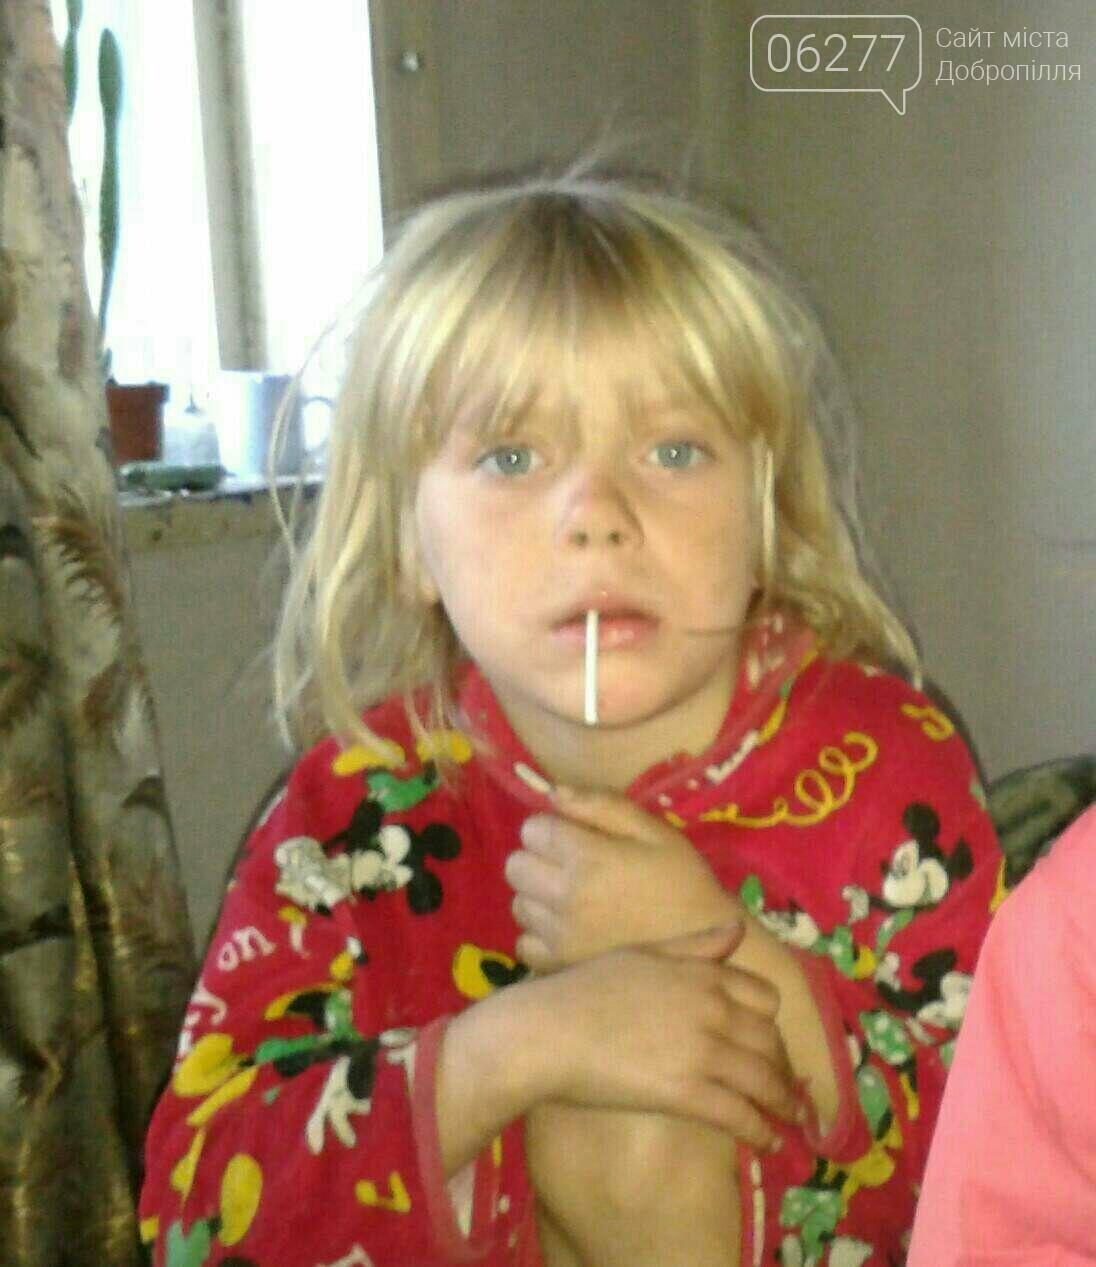 Полиция Донецкой области продолжает поиски 6-летней девочки из Горняка, фото-1